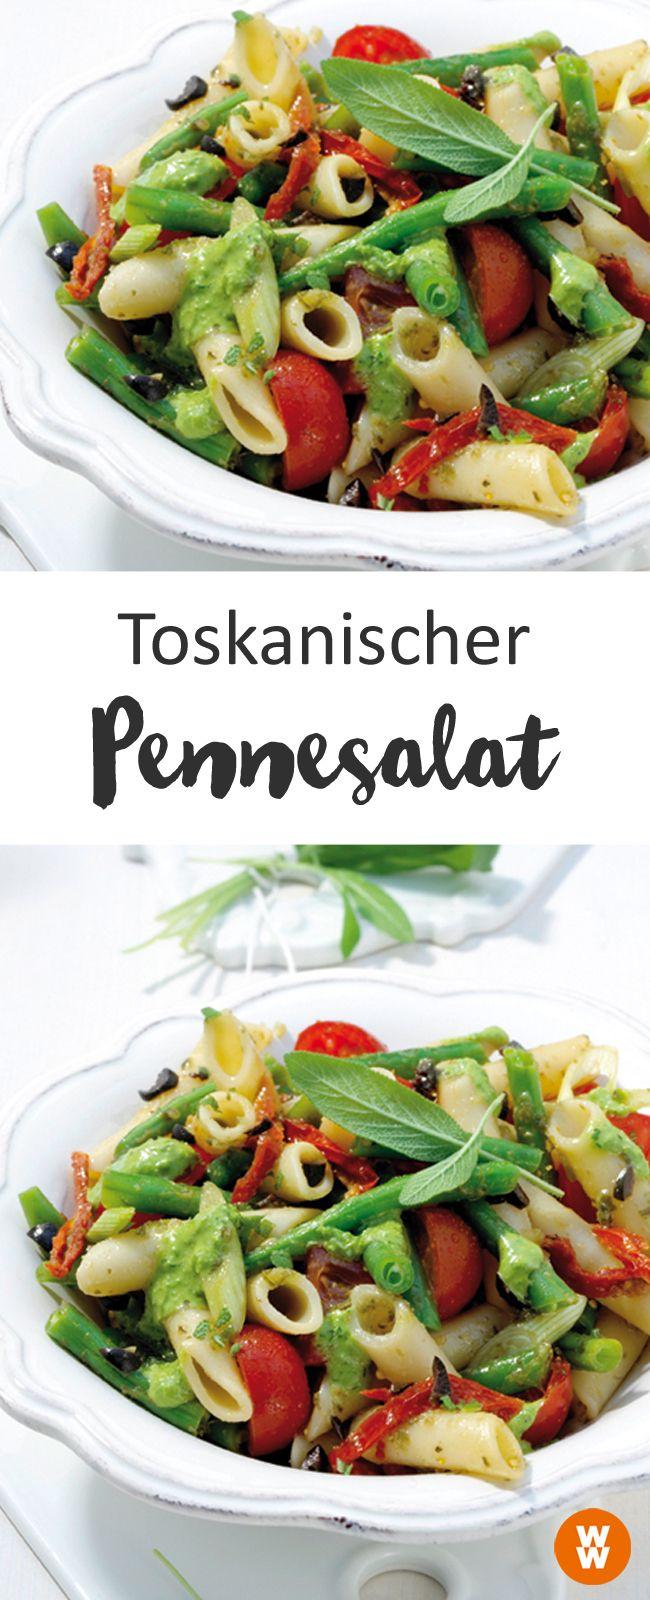 Toskanischer Pennesalat, Nudelsalat, Rezept | Weight Watchers